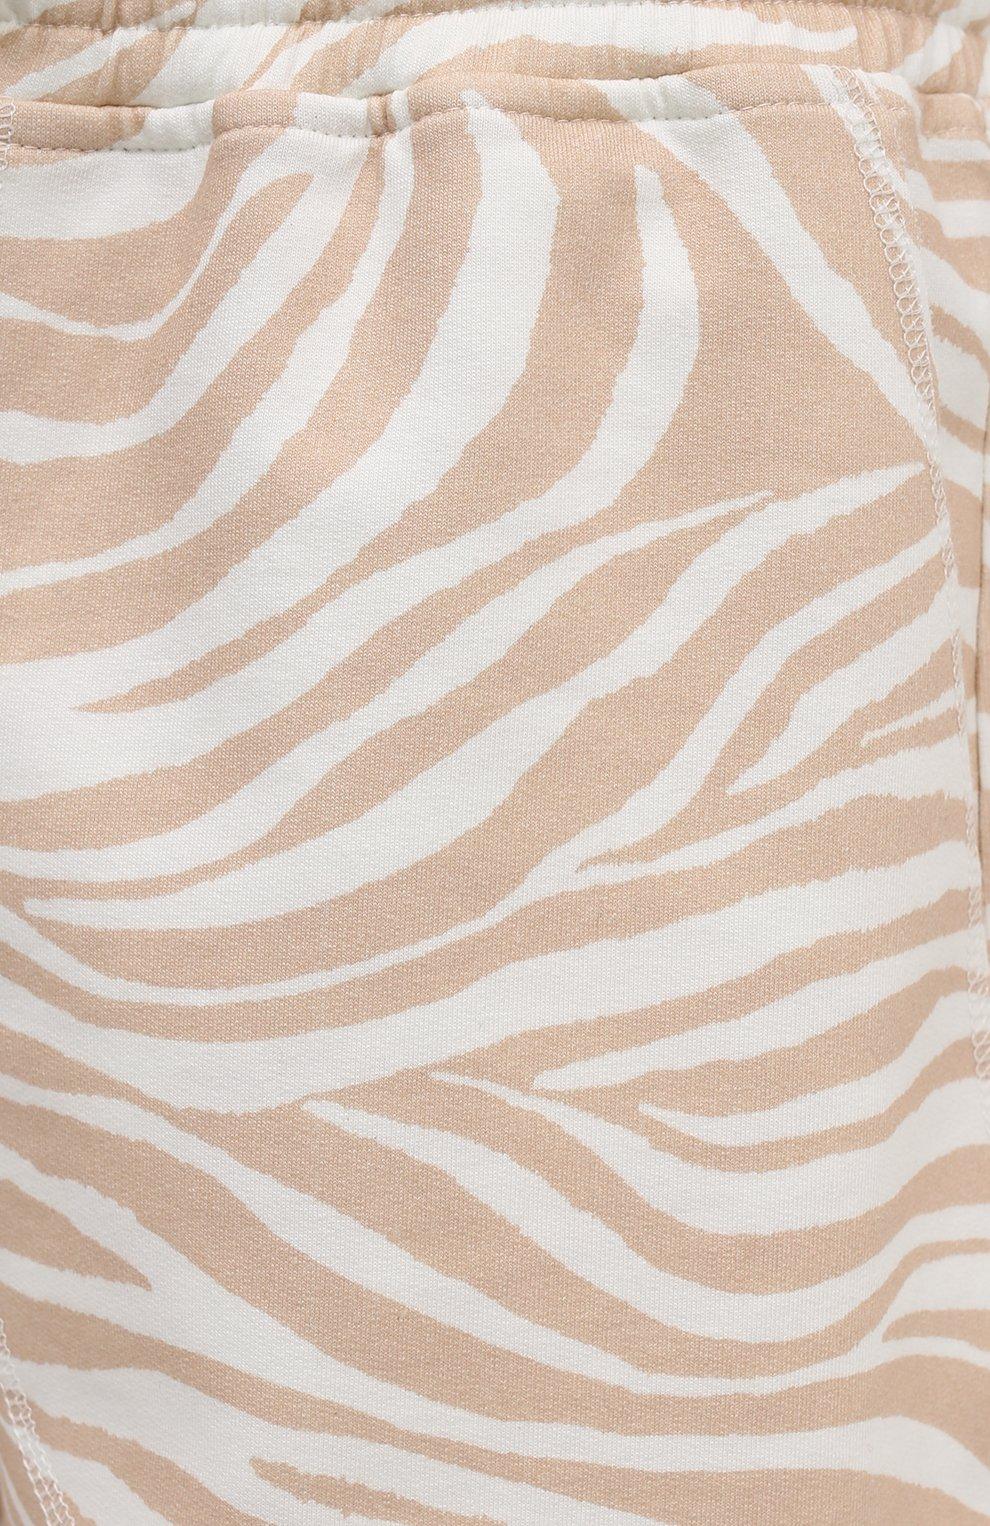 Женские хлопковые шорты EVA B.BITZER бежевого цвета, арт. 11323345 | Фото 5 (Длина Ж (юбки, платья, шорты): Мини; Женское Кросс-КТ: Домашние шорты; Материал внешний: Хлопок)